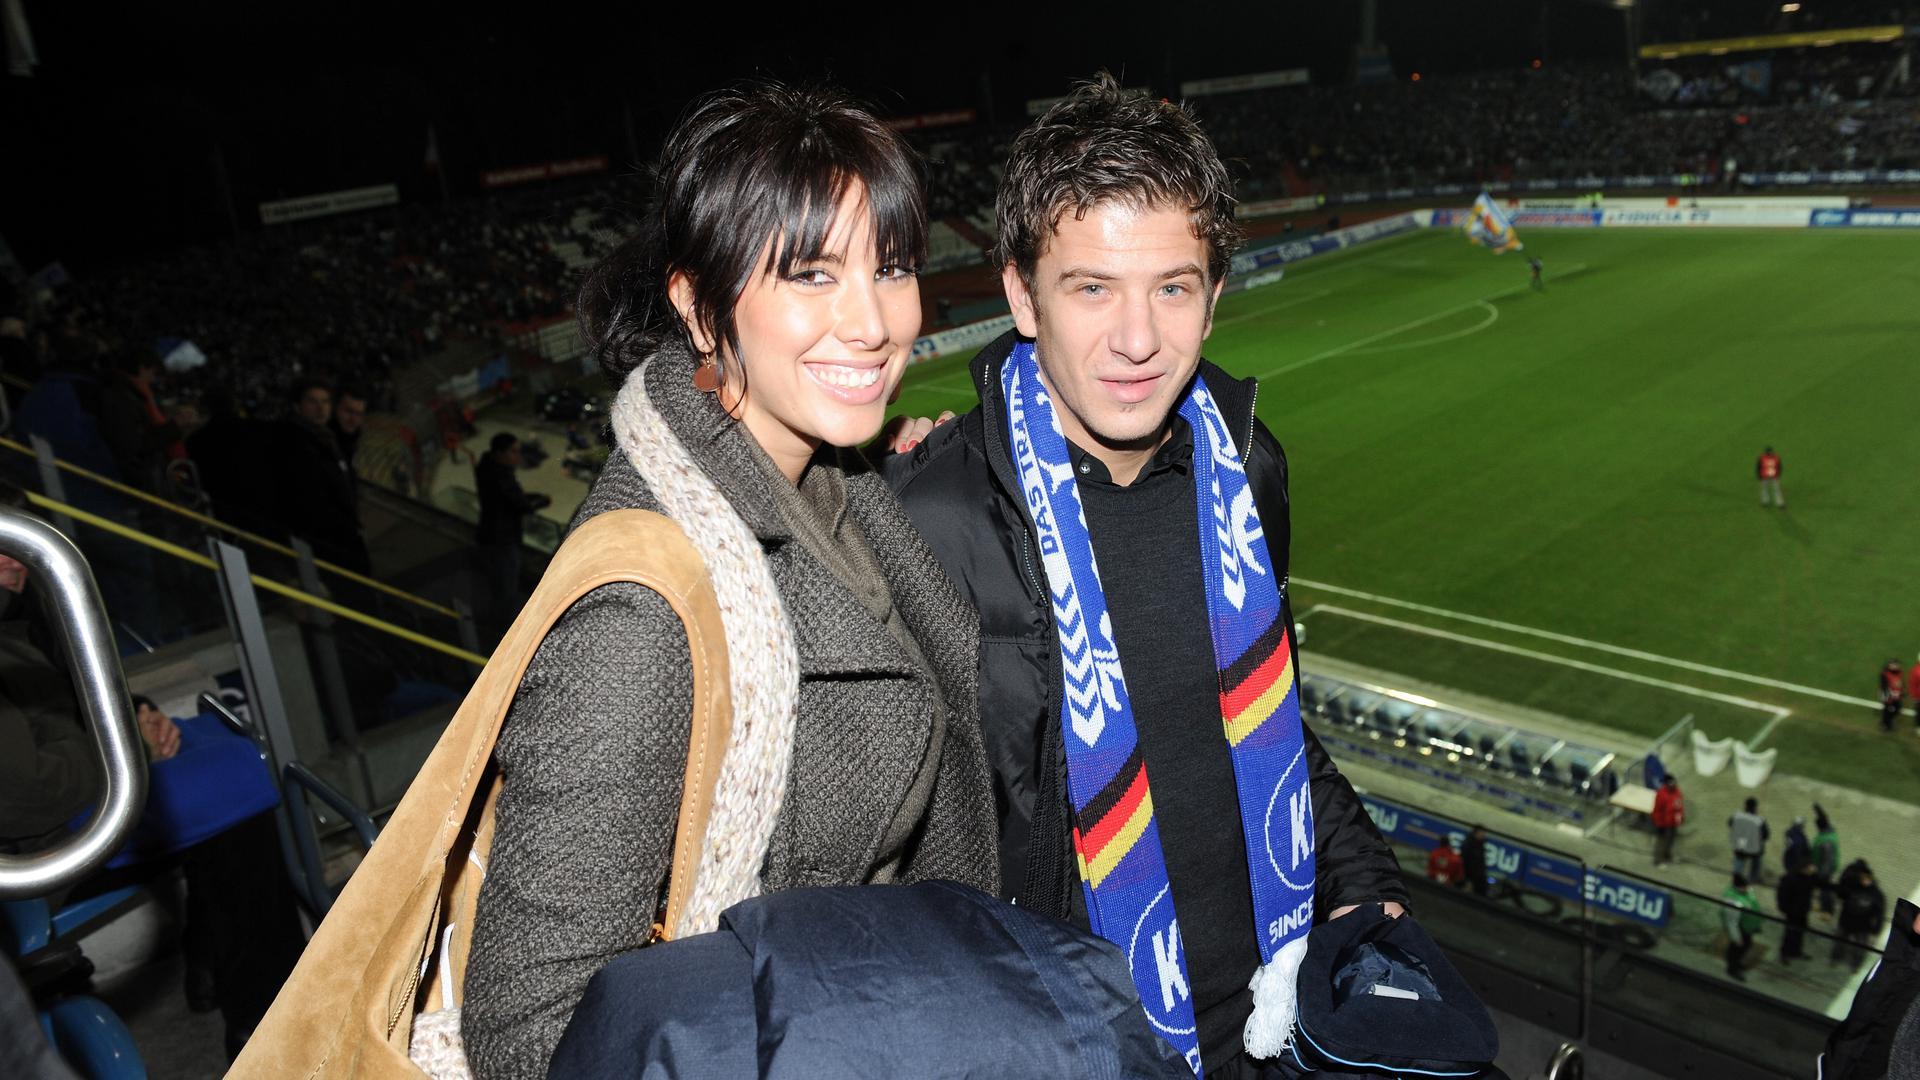 Ankunft aus Zagreb: Dino Drpic und seine damalige Frau Nives schauen nach der Vertragsunterschrift beim KSC dessen Pokalniederlage gegen Wiesbaden.